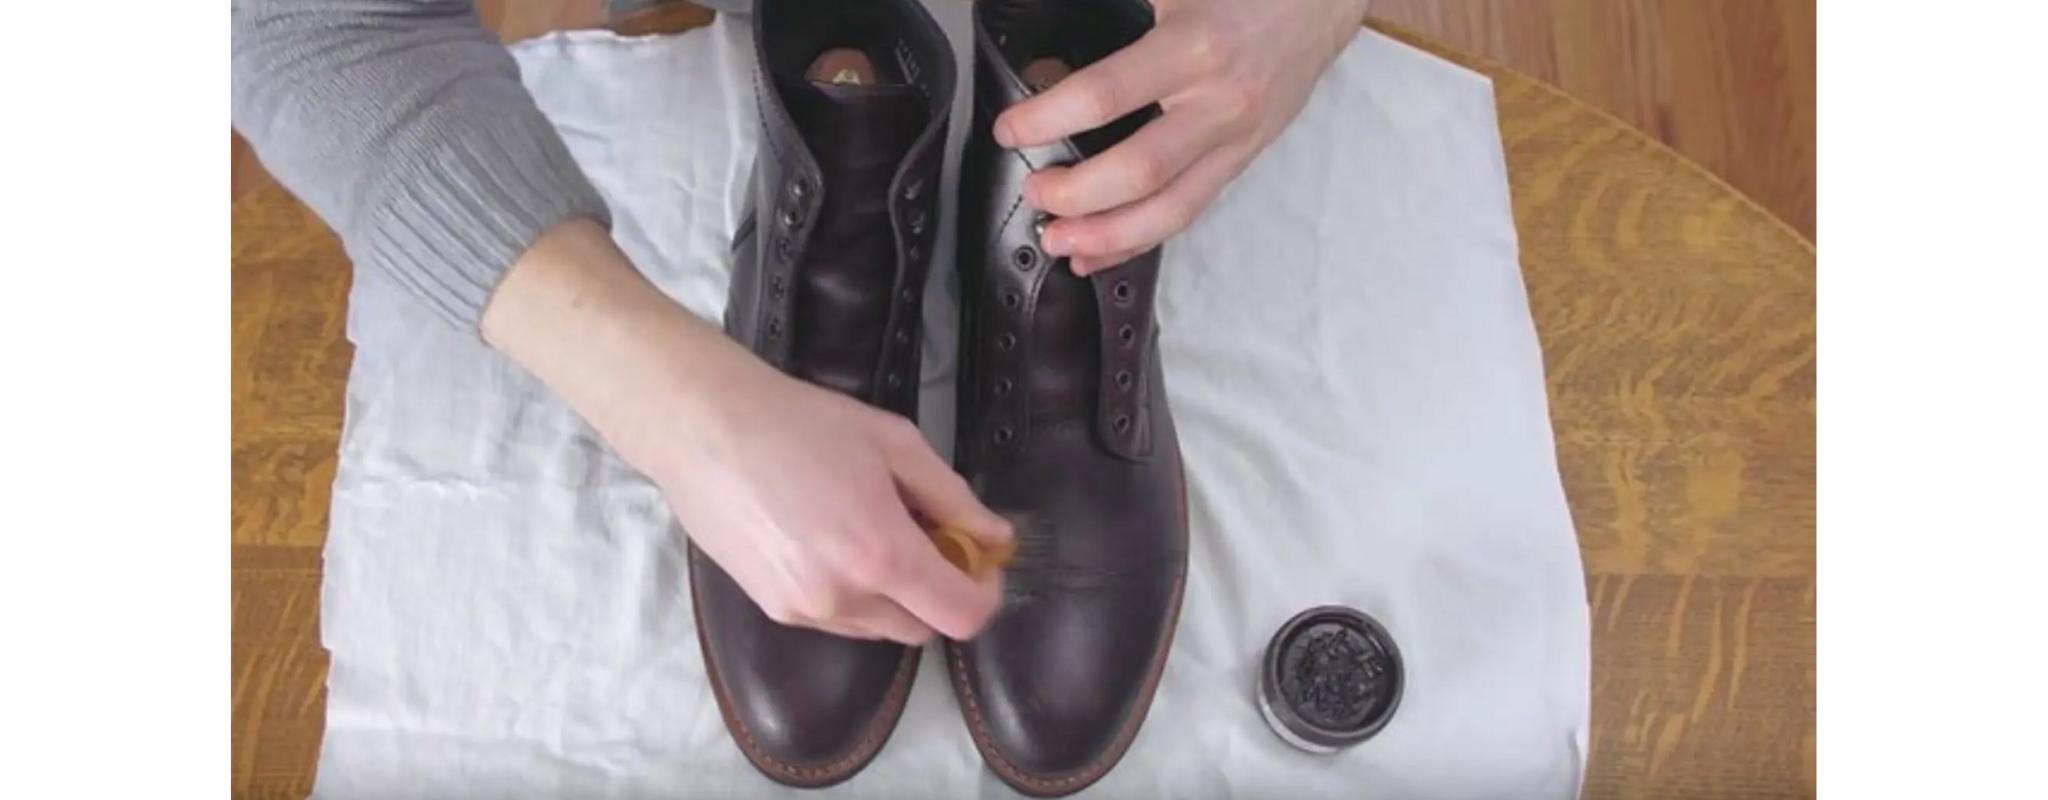 botas de couro polido com cera